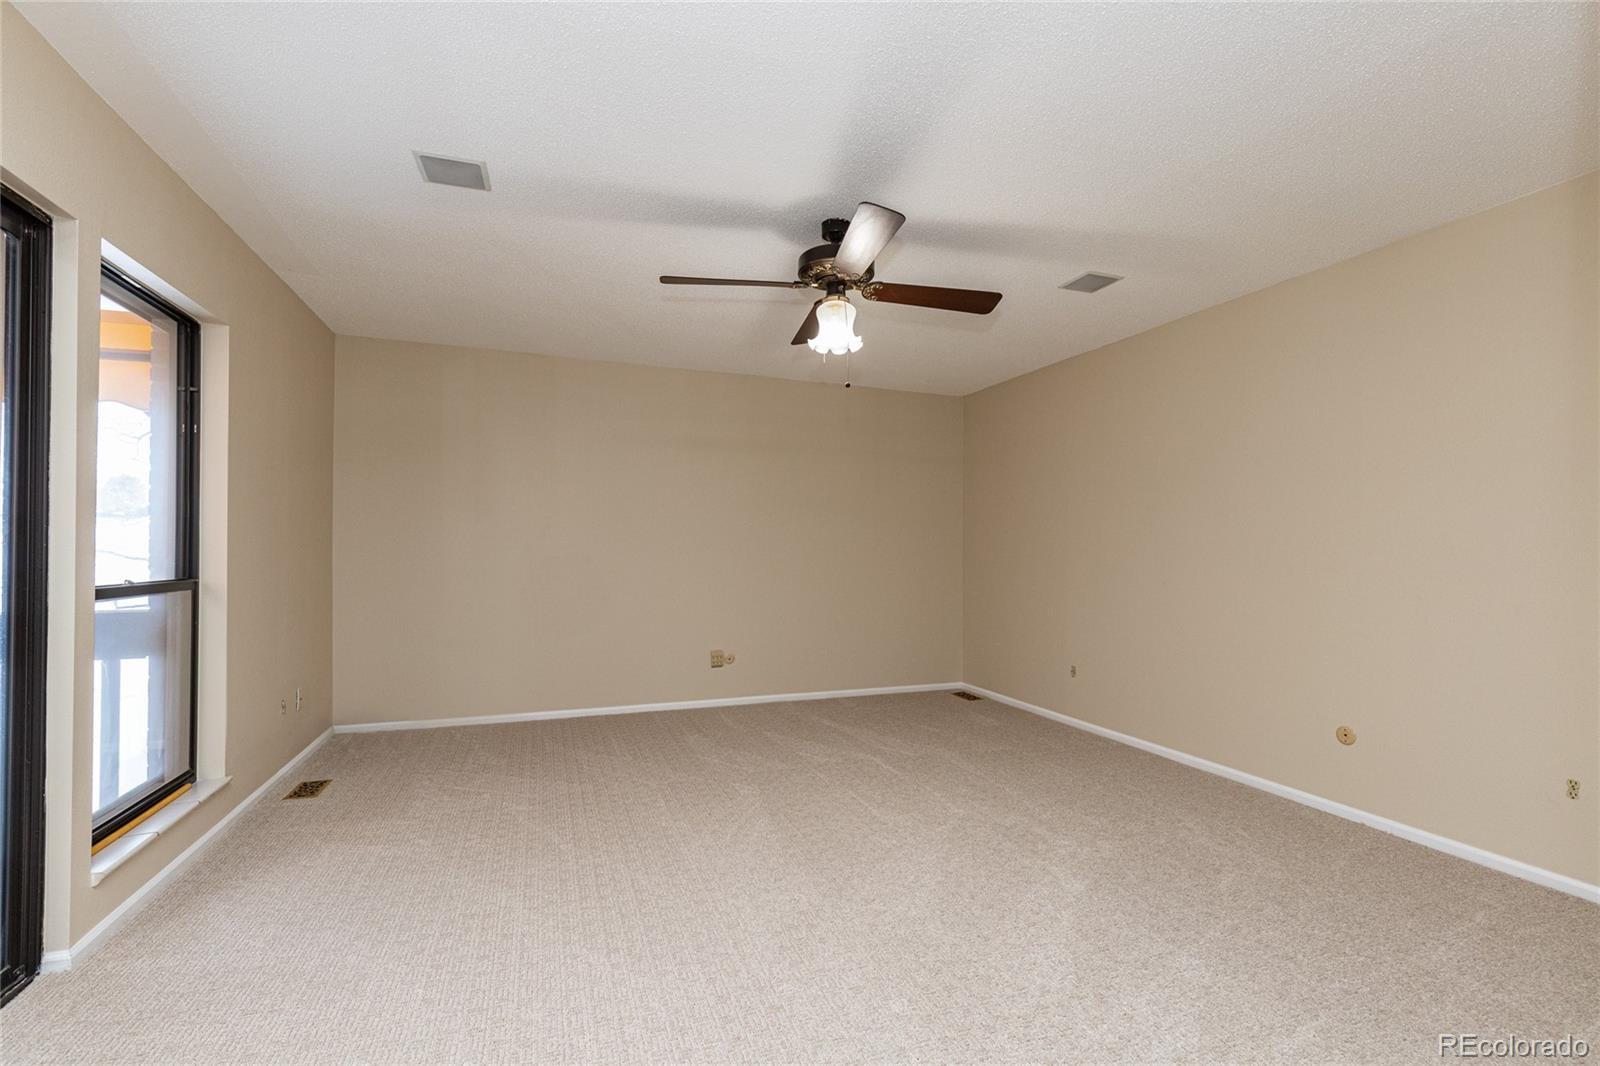 MLS# 8955616 - 17 - 6000 W Mansfield Avenue #15, Denver, CO 80235